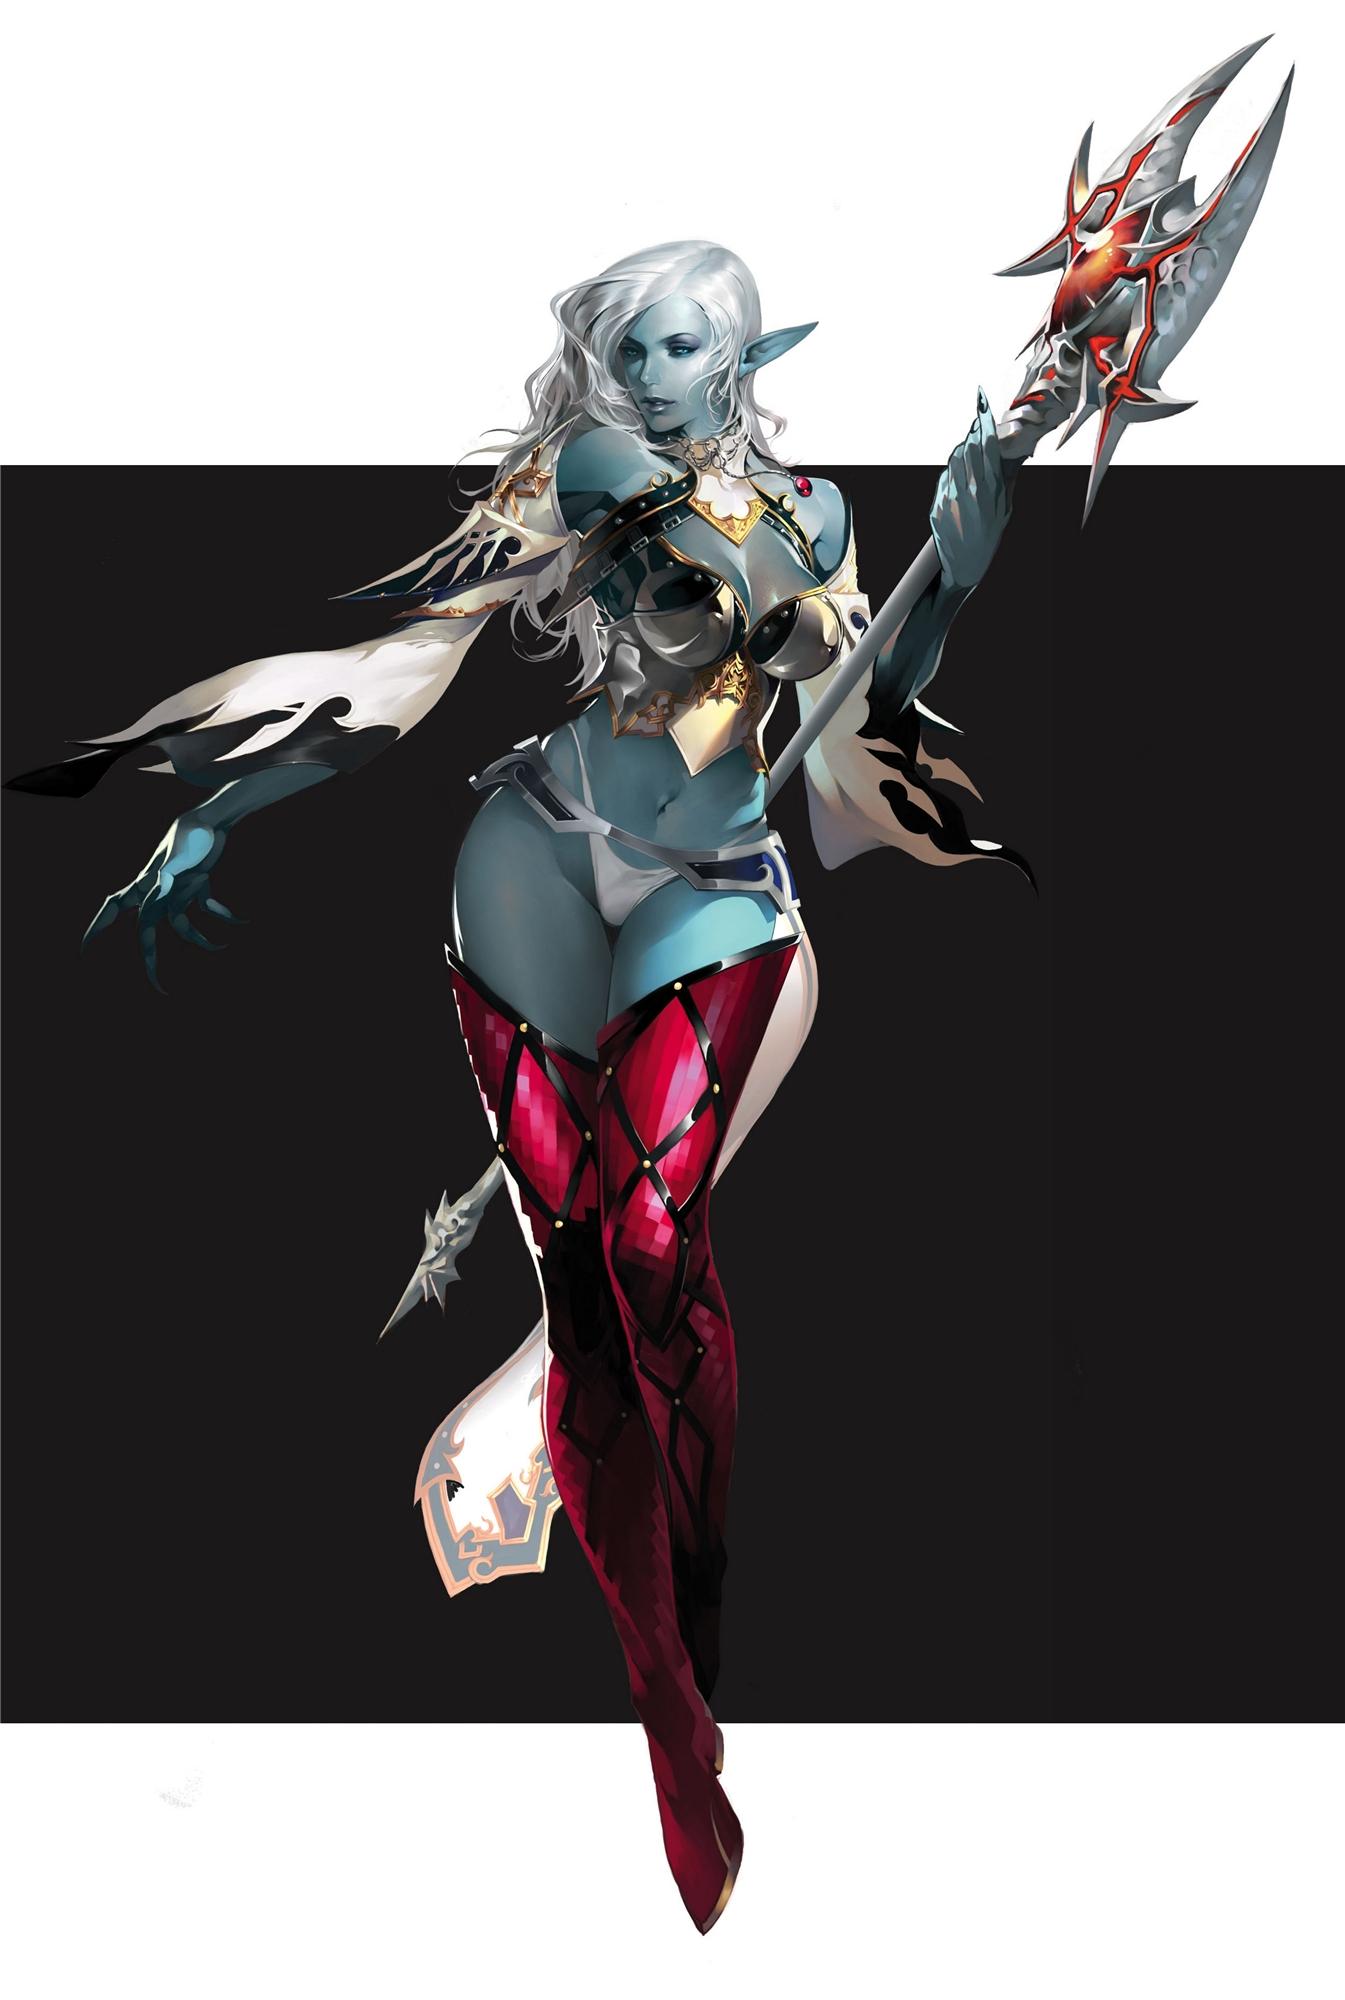 white_hair dark_skin dark_elf max_factory concept_art lineage_ii hashimoto_takahiro ncsoft